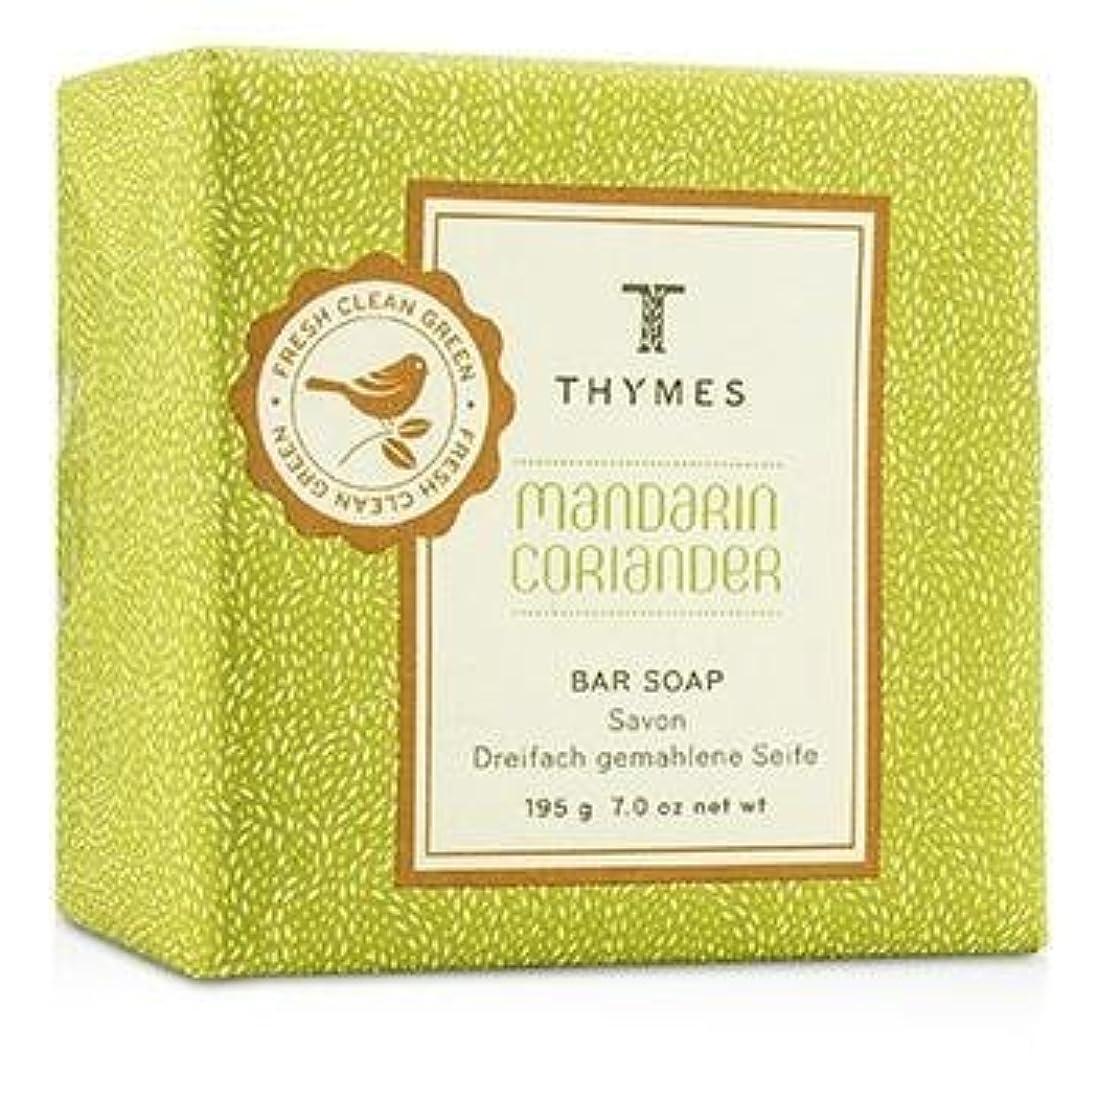 ナインへダース阻害するThymes Mandarin Coriander Bar Soap 195g/7oz